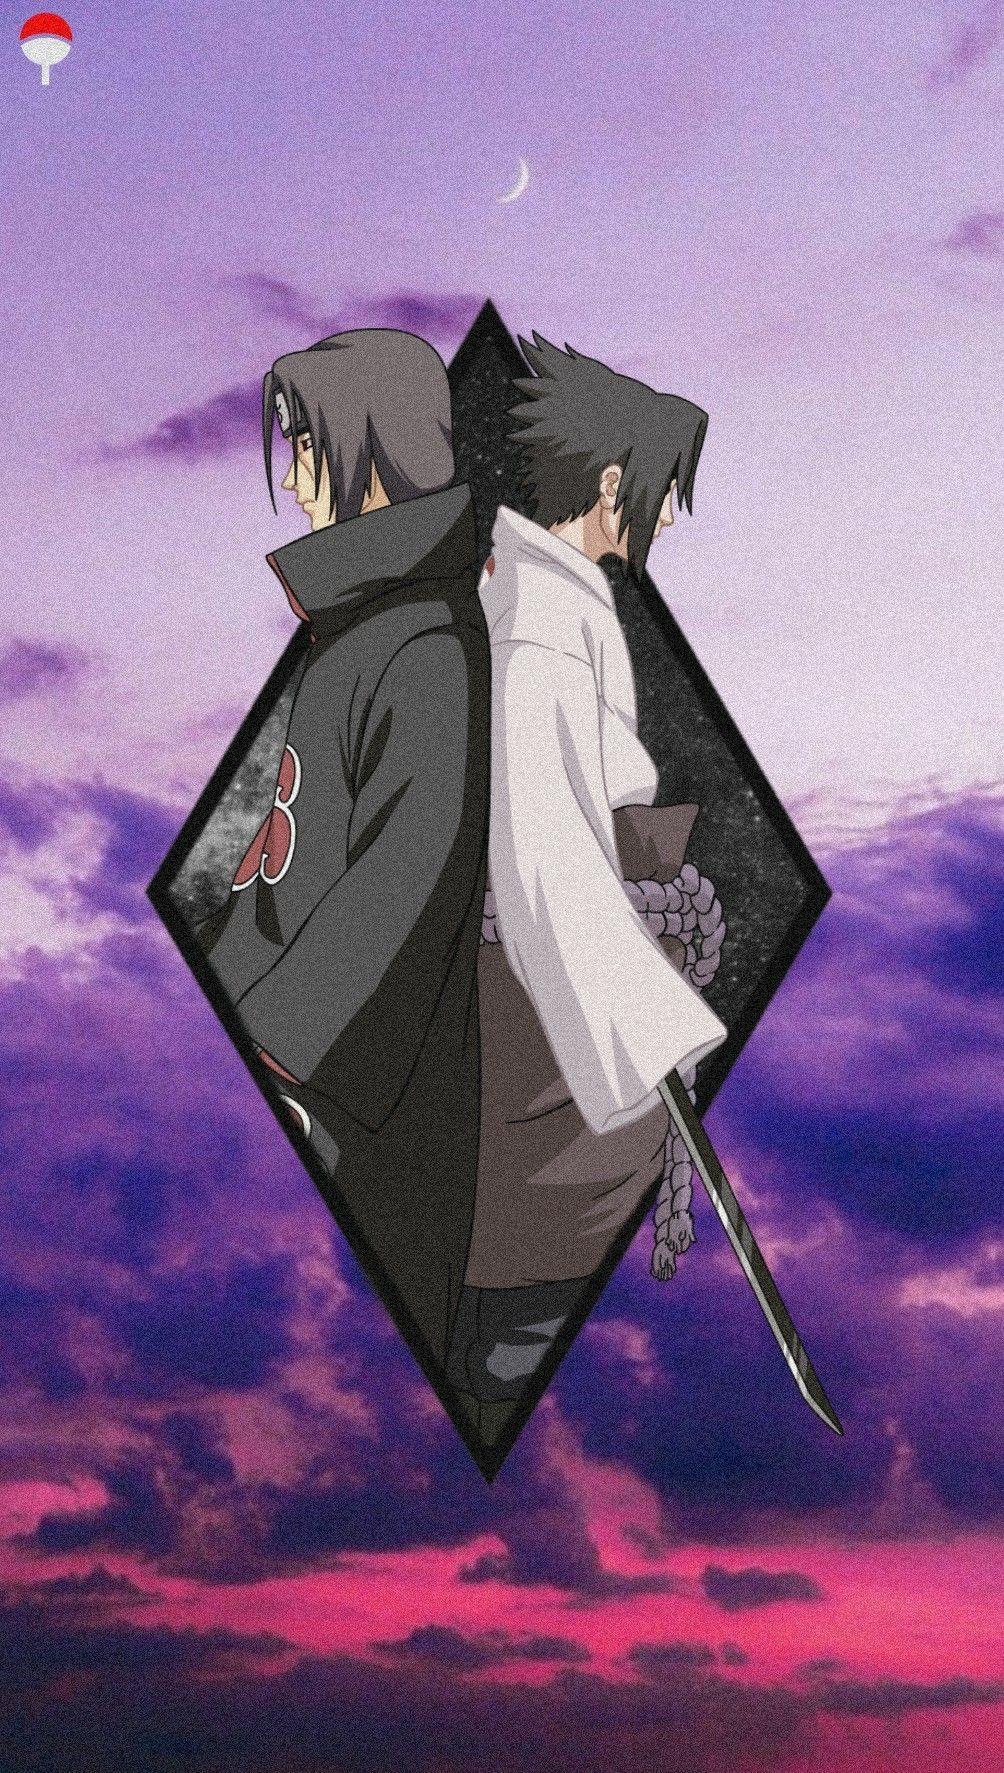 Naruto Shippuden Personajes De Naruto Wallpapers Naruto Arte